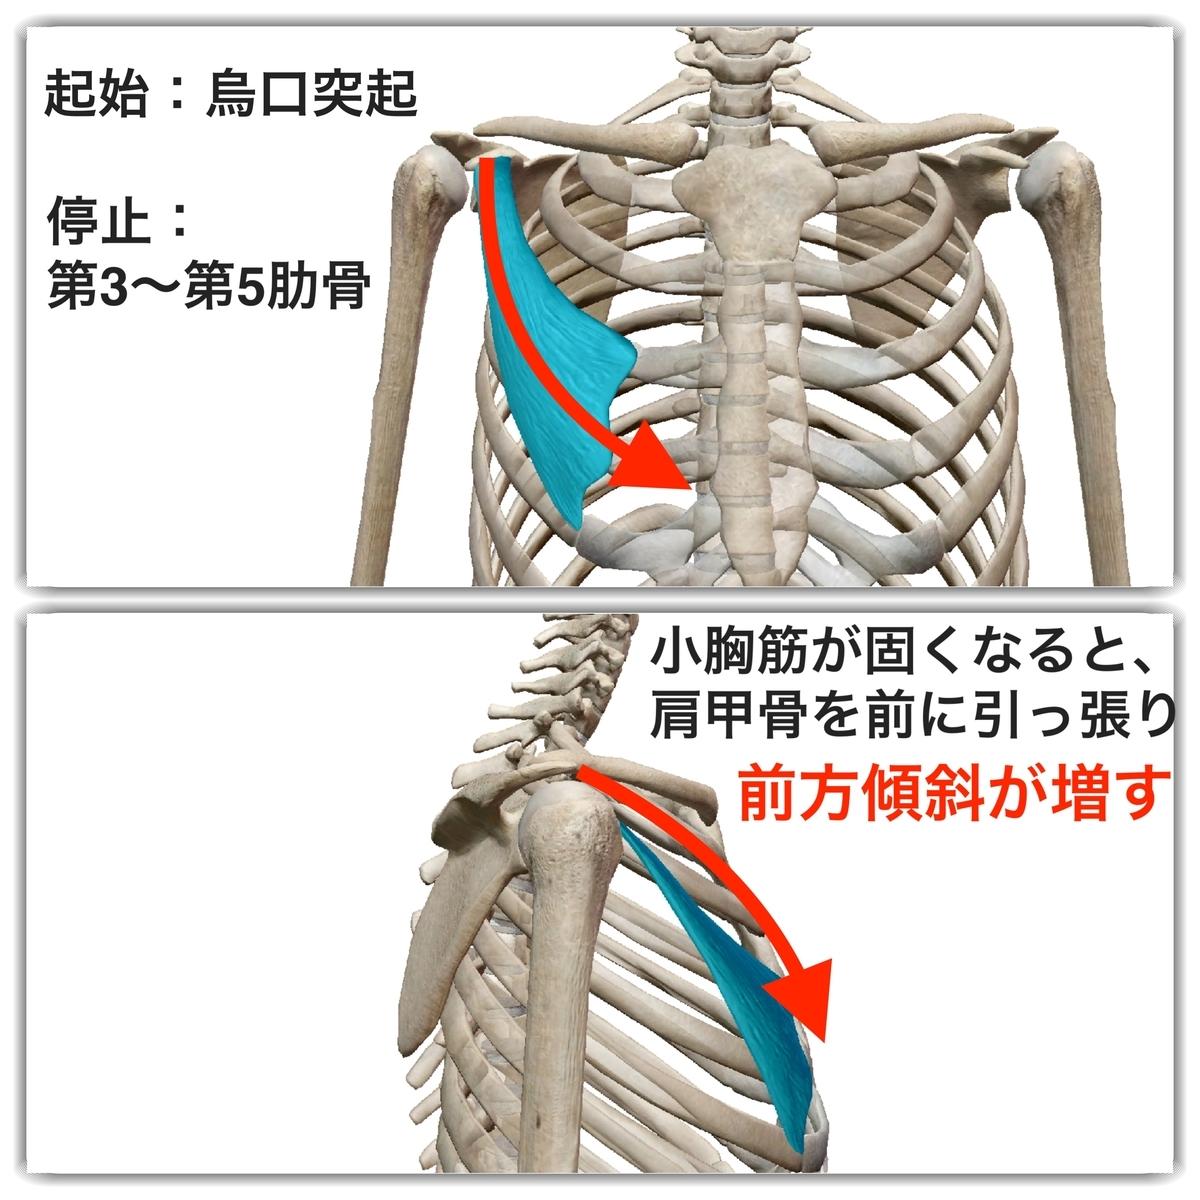 f:id:health--life:20190524130853j:plain